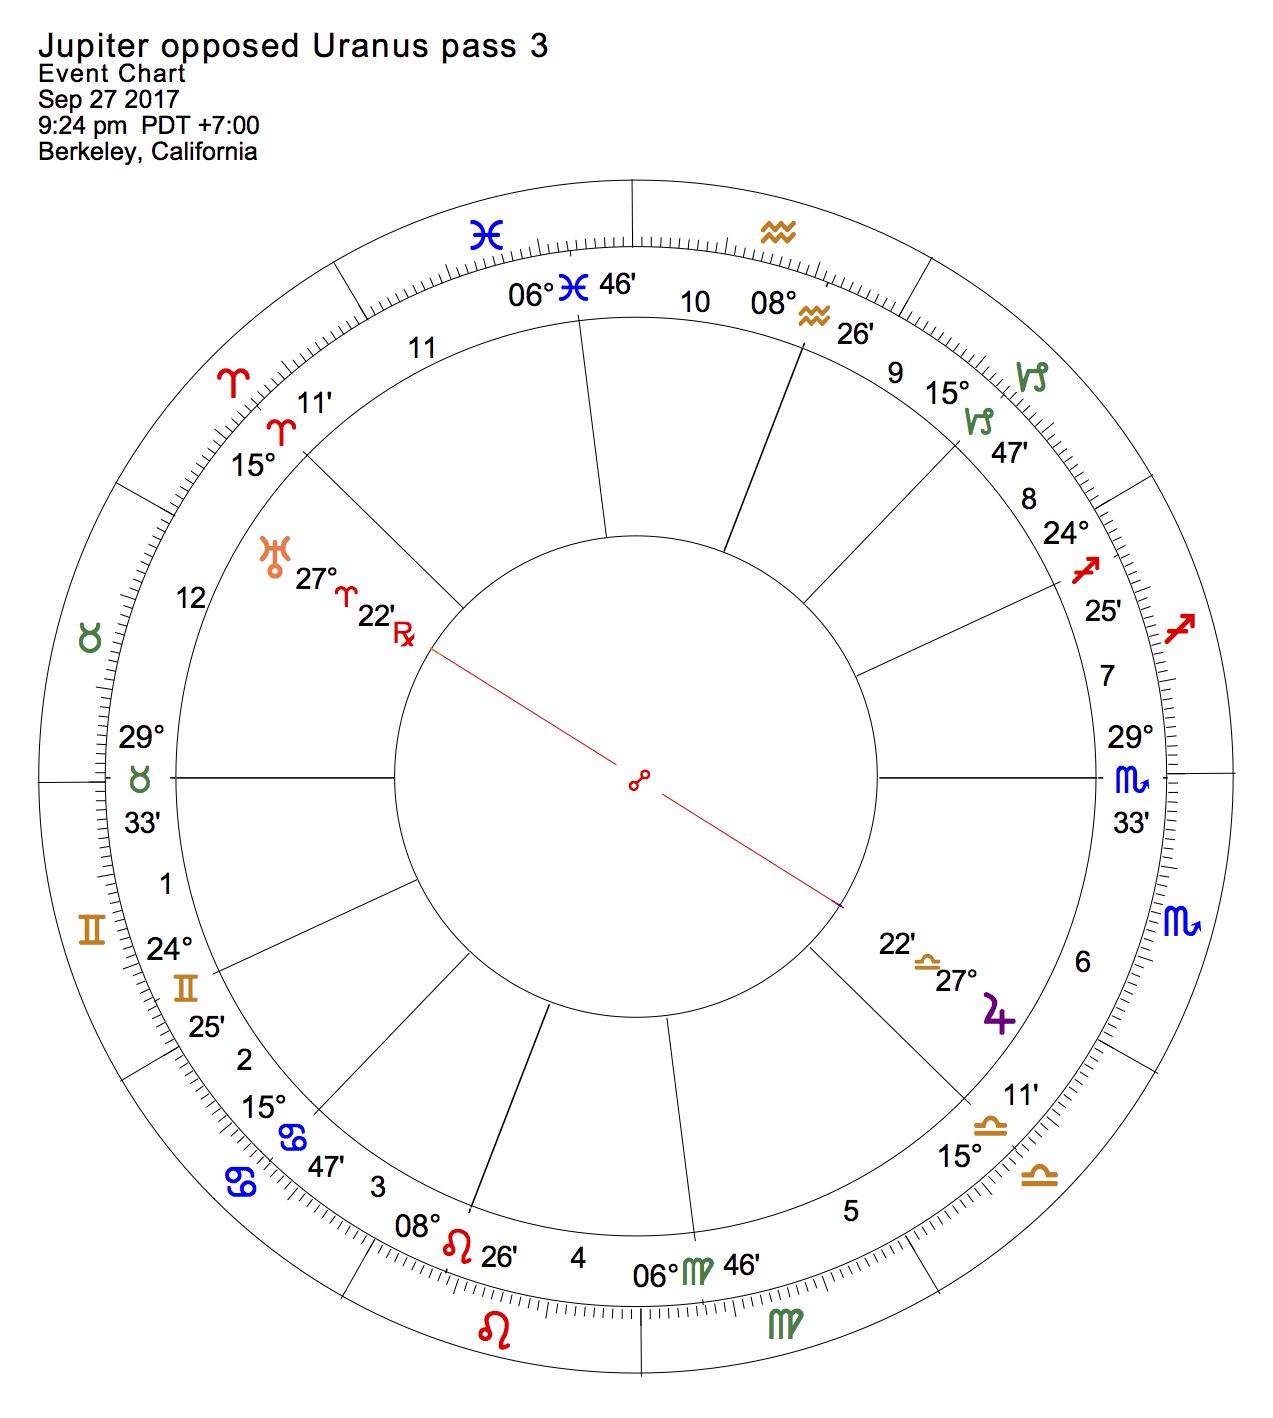 Jupiter opposed Uranus pass 3